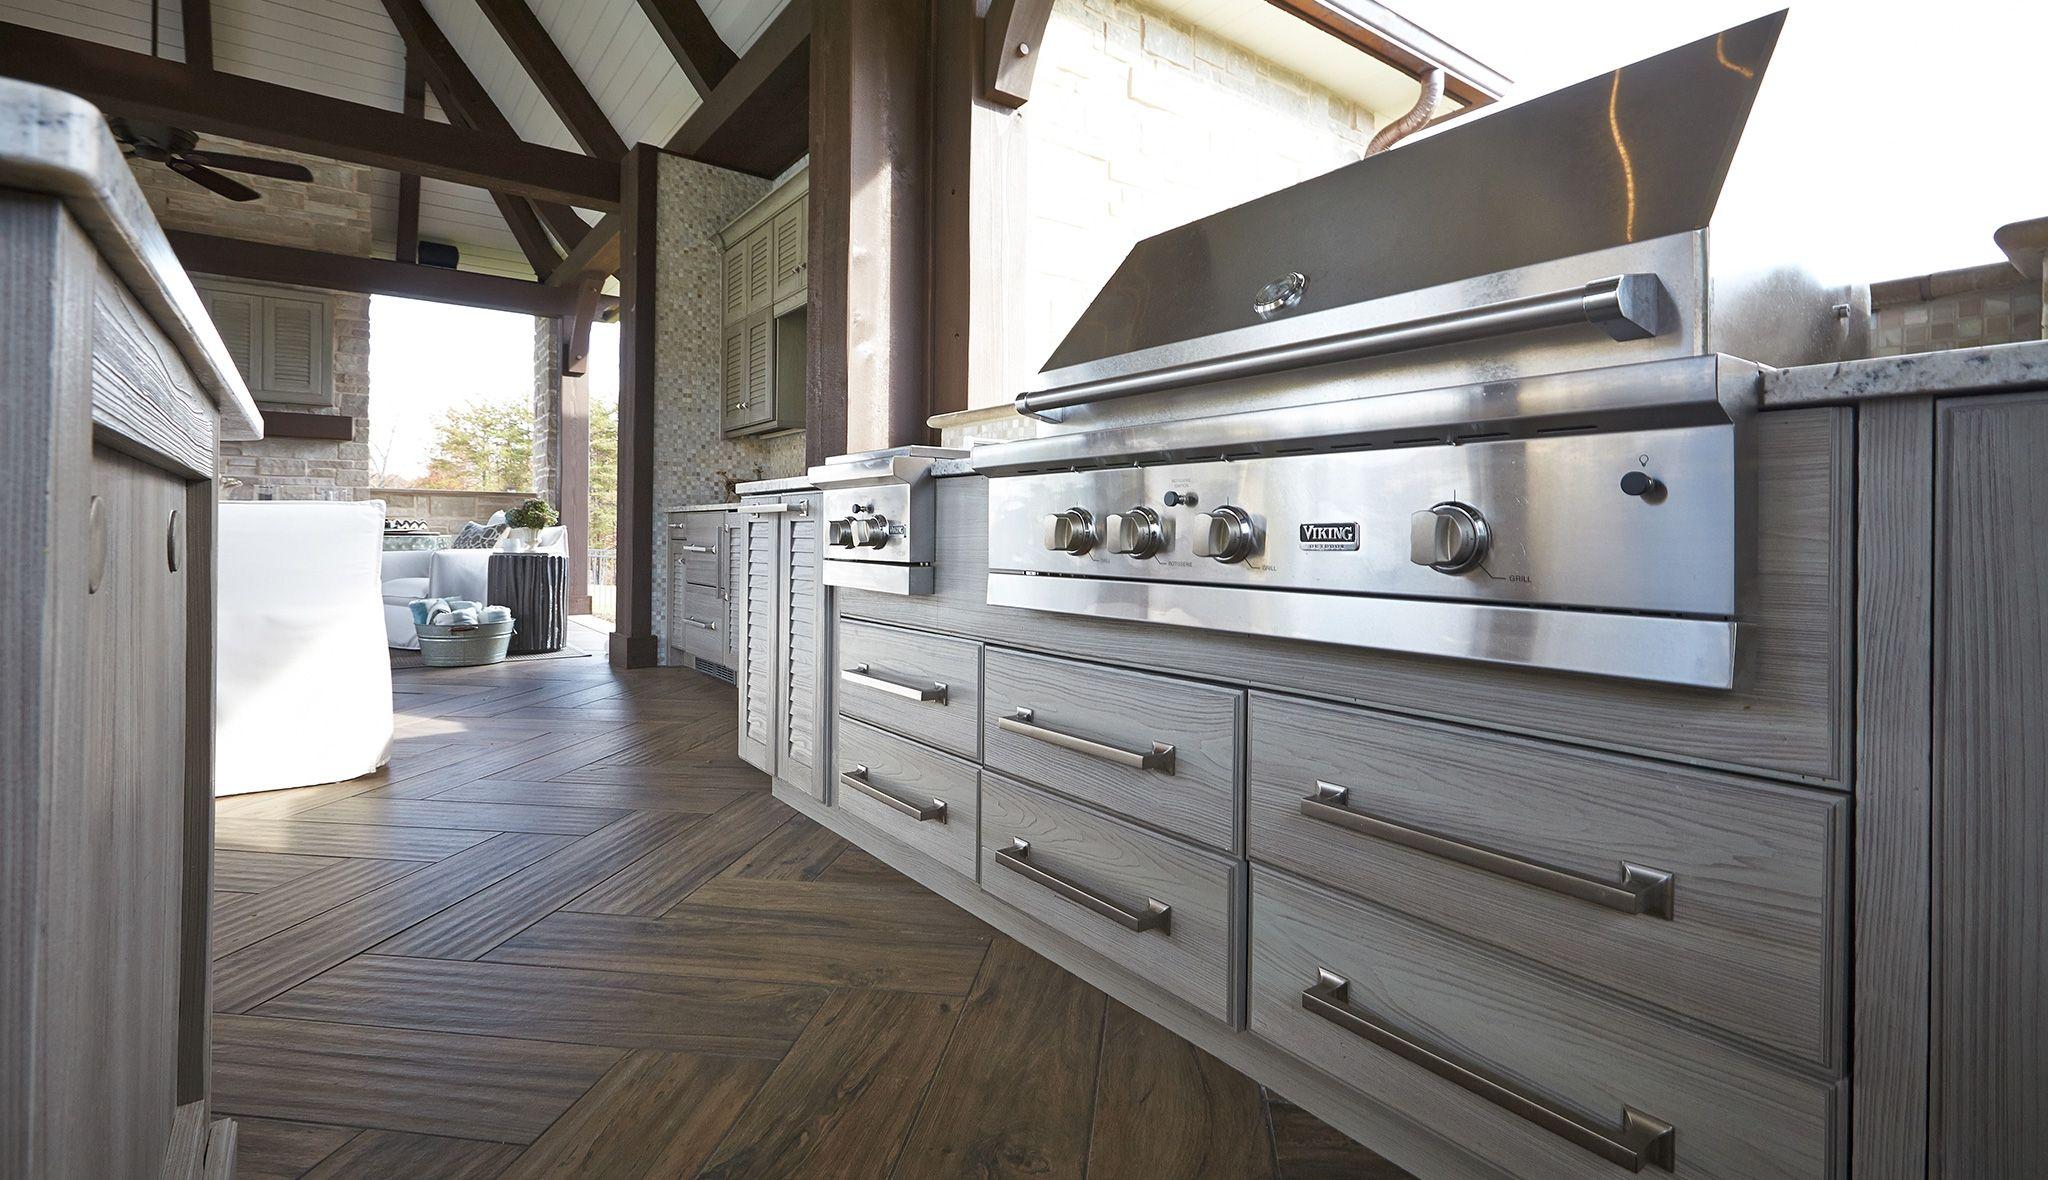 Marine Grade Polymer Outdoor Kitchen Cabinets